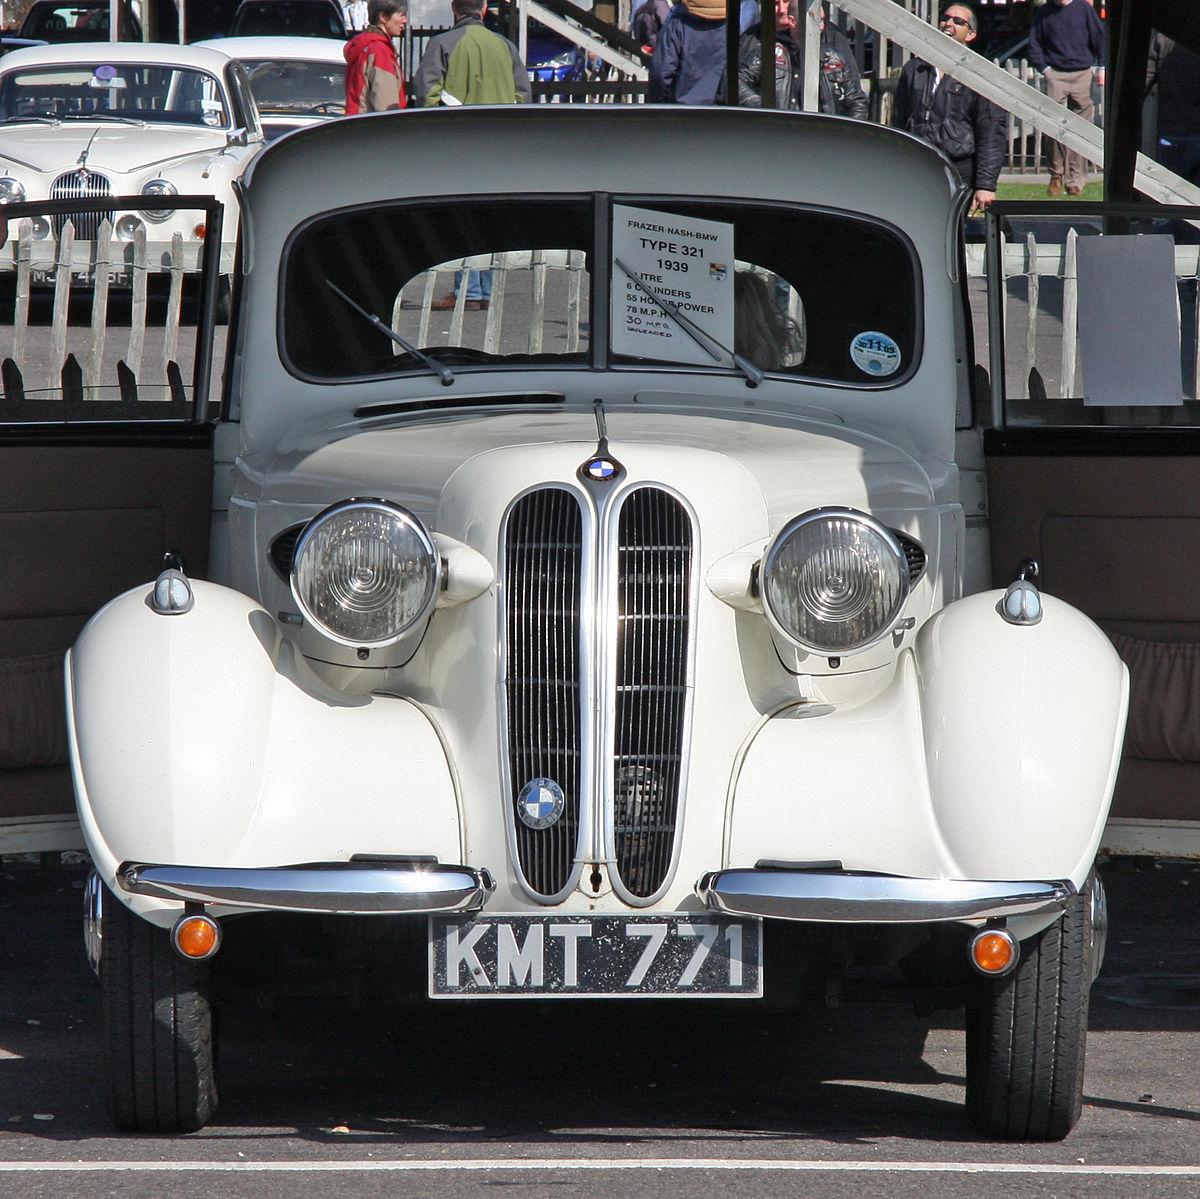 File:1939 Frazer Nash BMW Type 321 - Flickr - exfordy.jpg - Wikimedia Commons